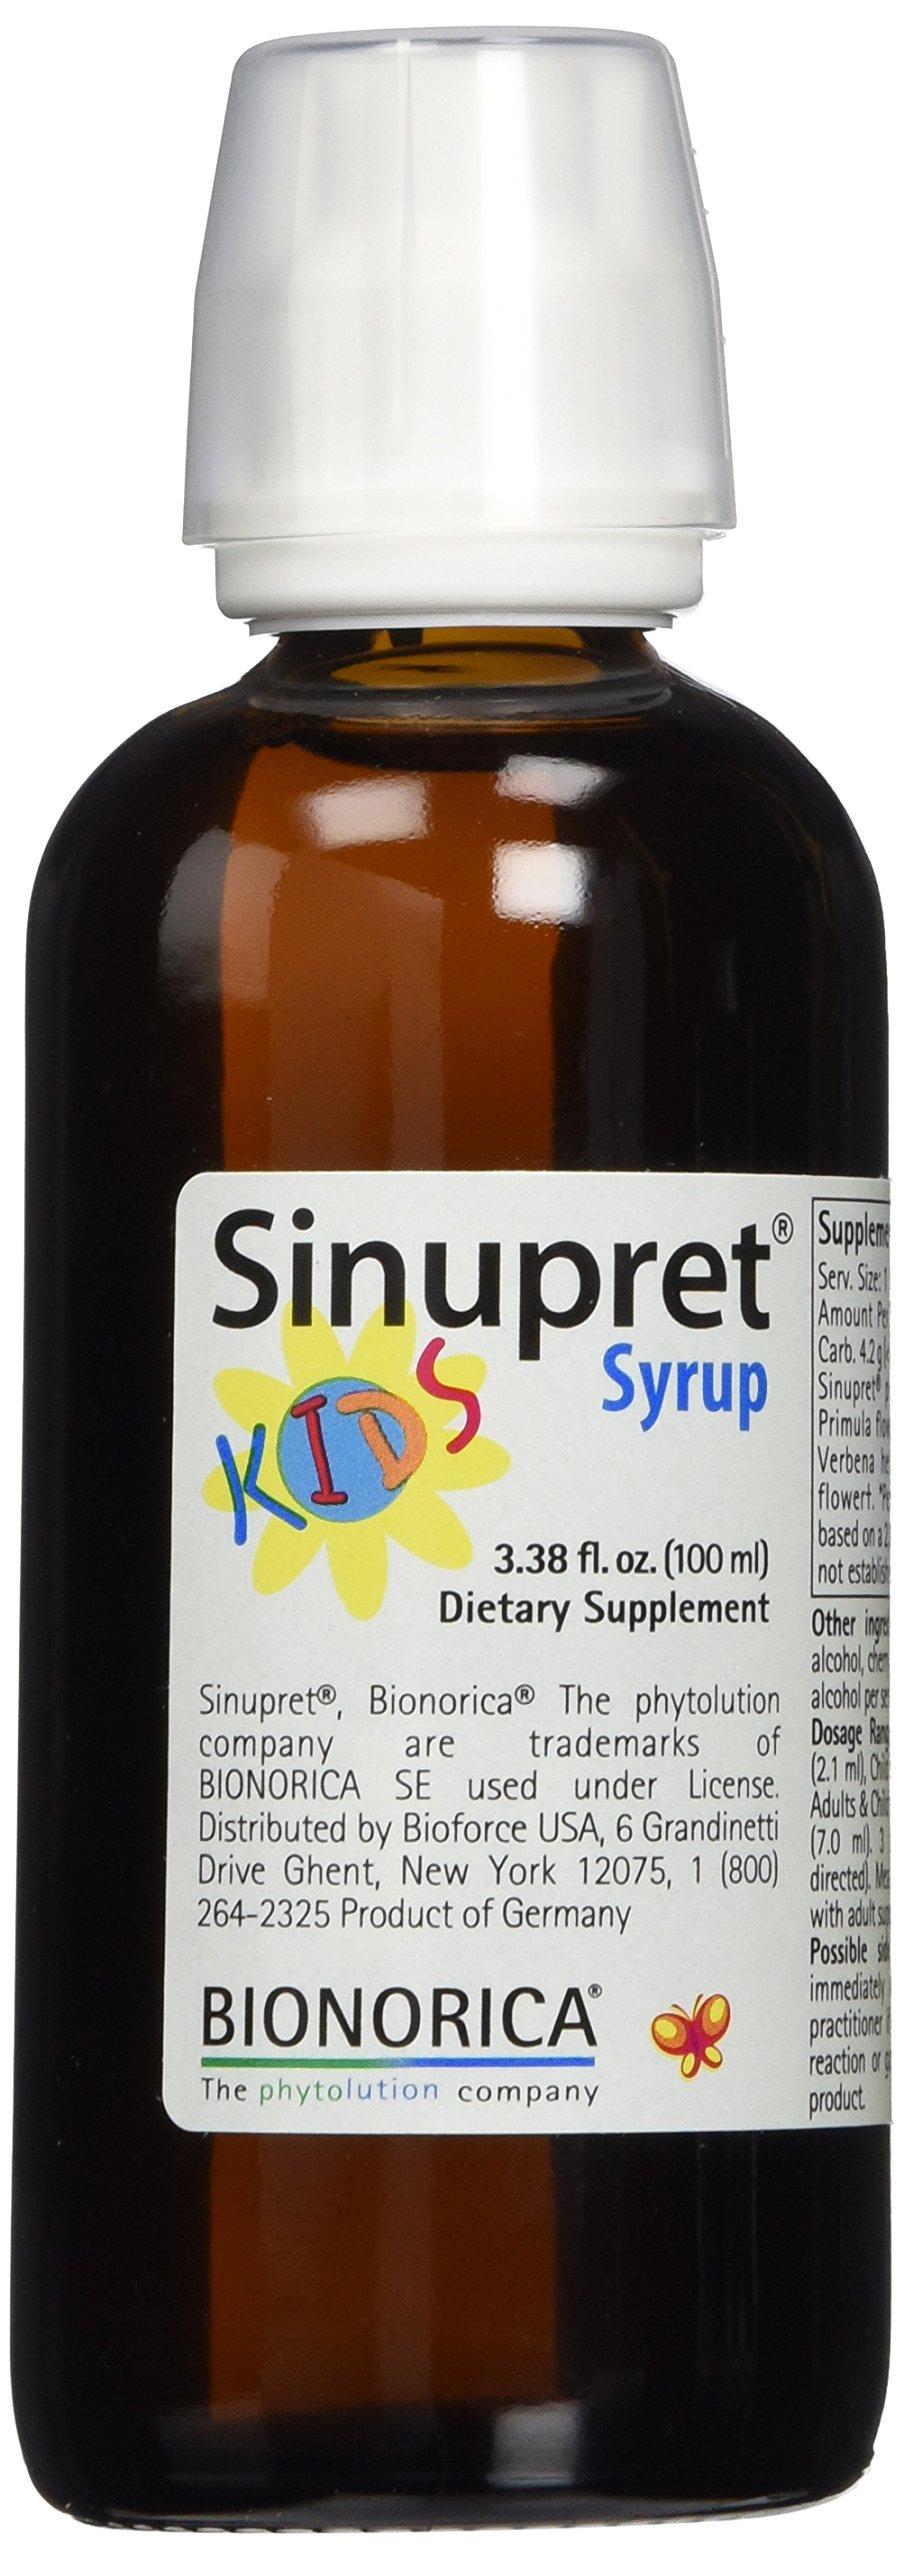 Sinupret Syrup for Kids 3.38 fl oz